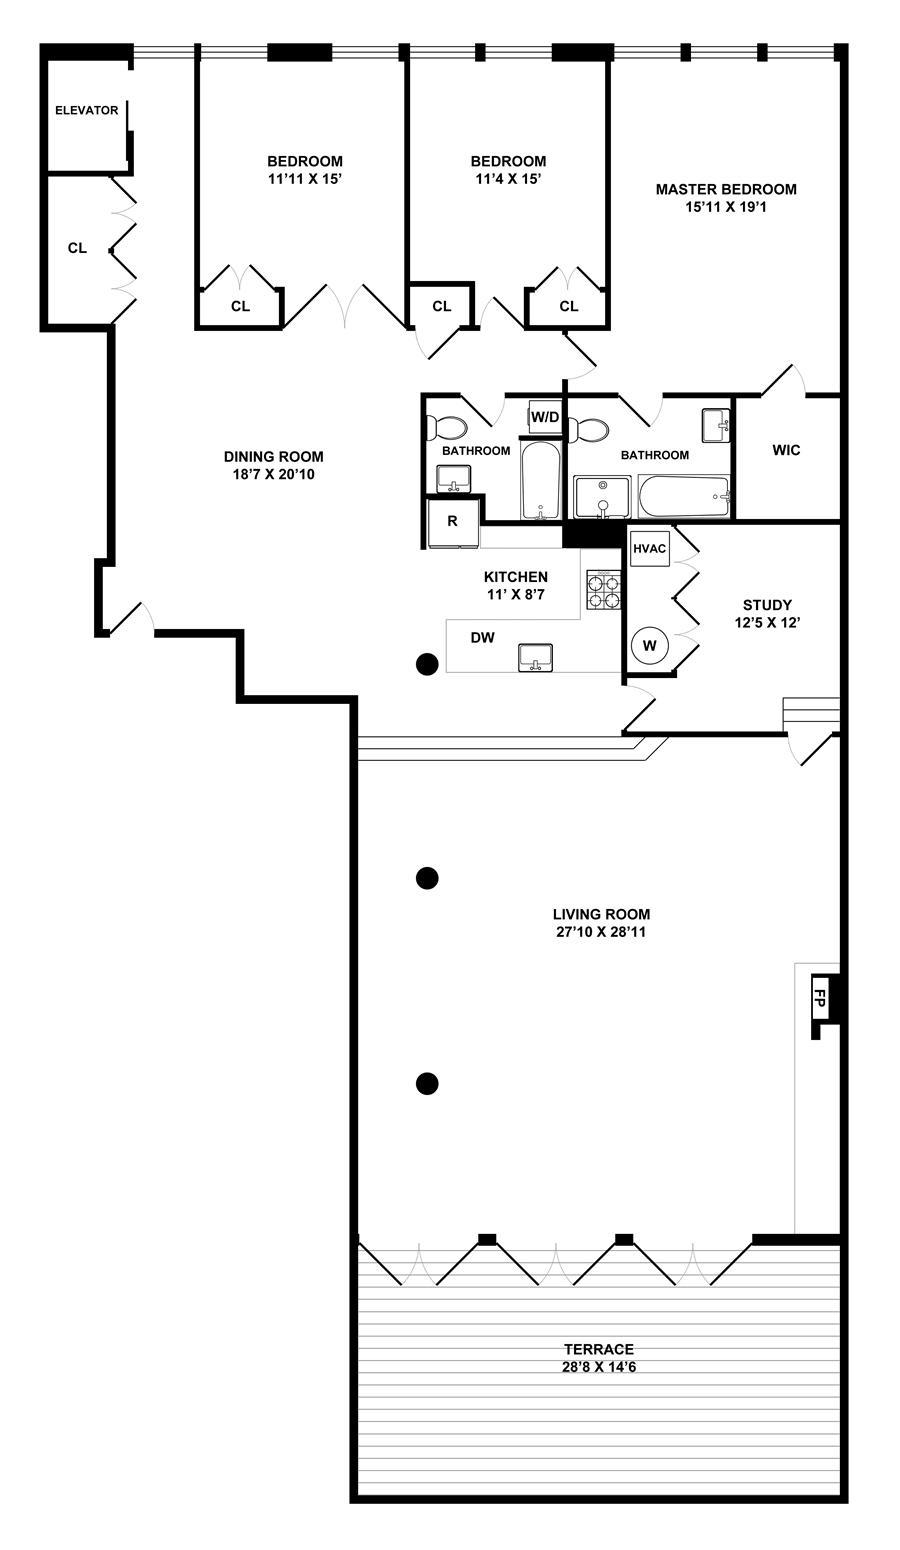 Floor plan of 110 Duane Street, PH2